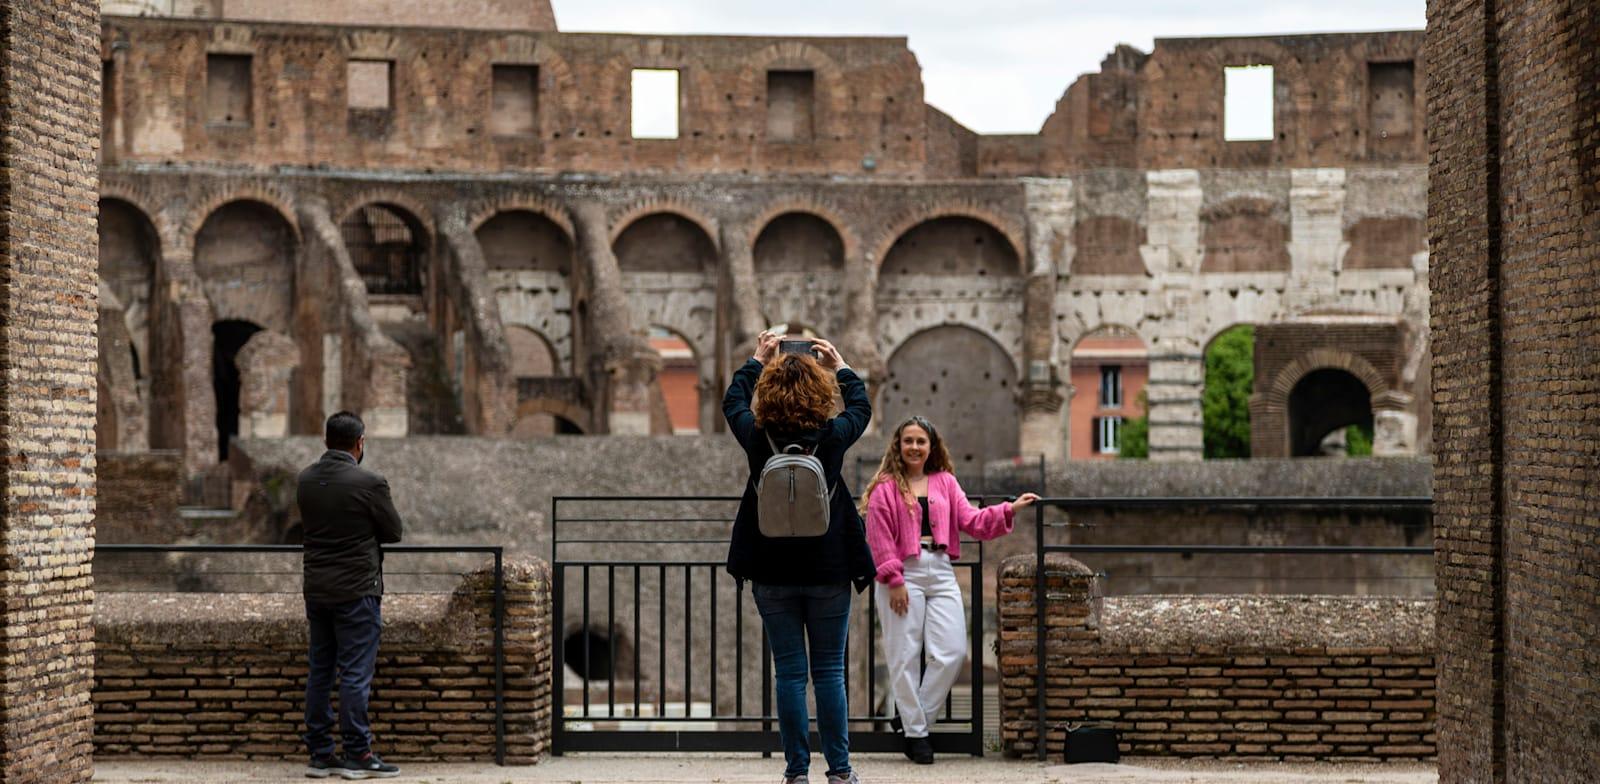 תיירים בקוליסאום ברומא. האתר נפתח מחדש בסוף אפריל / צילום: Associated Press, Domenico Stinellis